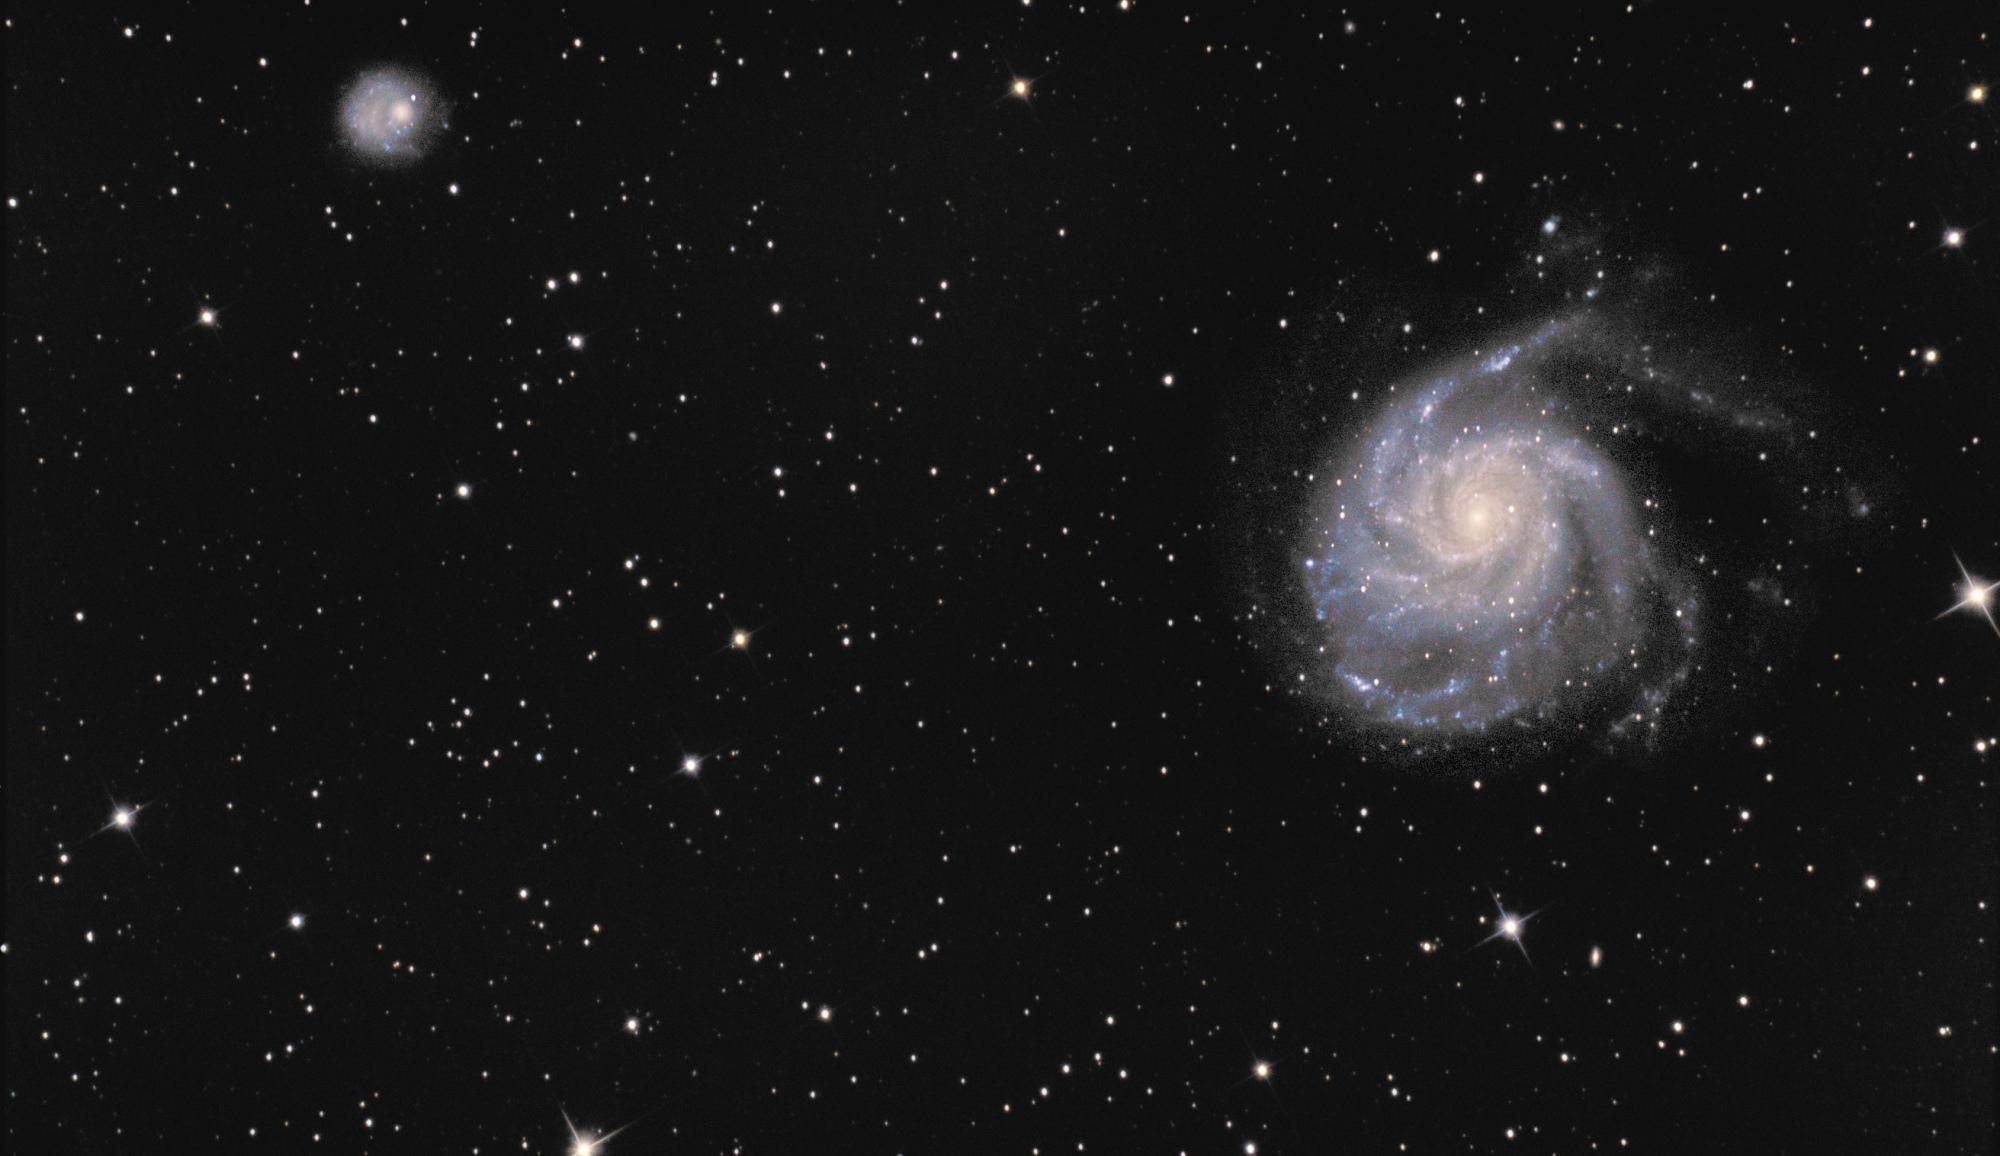 a12-M101.thumb.jpg.73b424dafab574bcbeb04c2a24ddf323.jpg